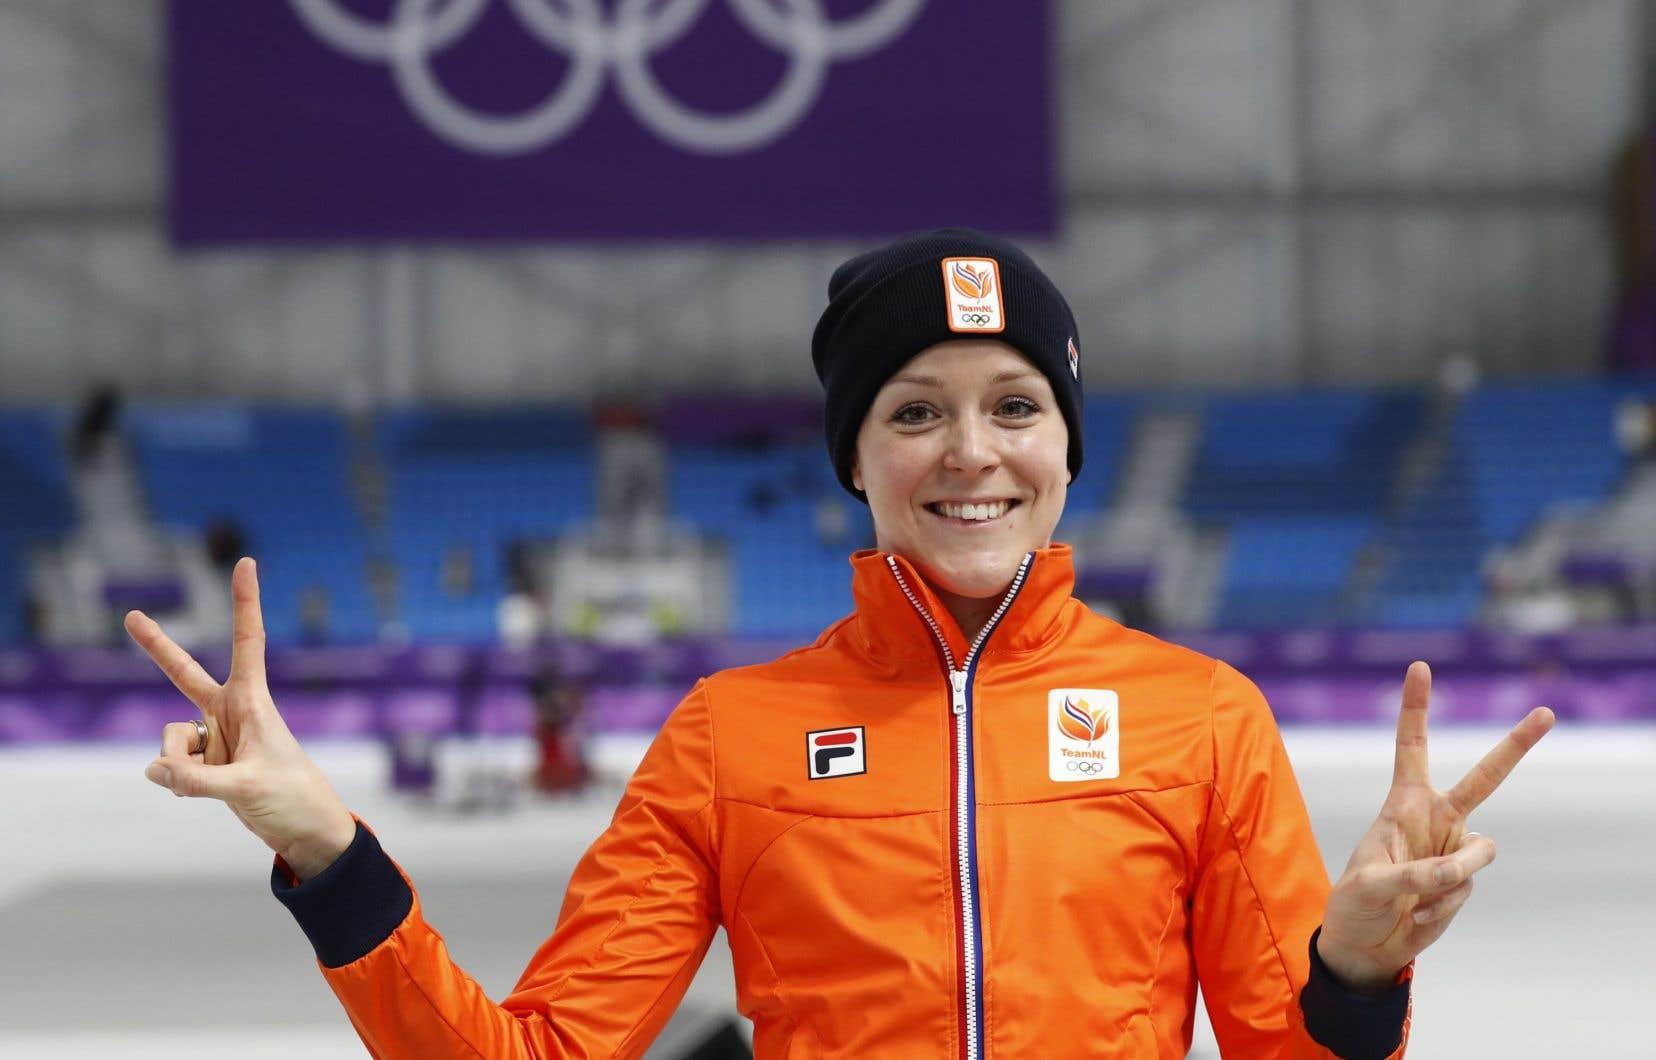 Jorien ter Mors écrase la compétition au 1000 mètres — Patinage de vitesse